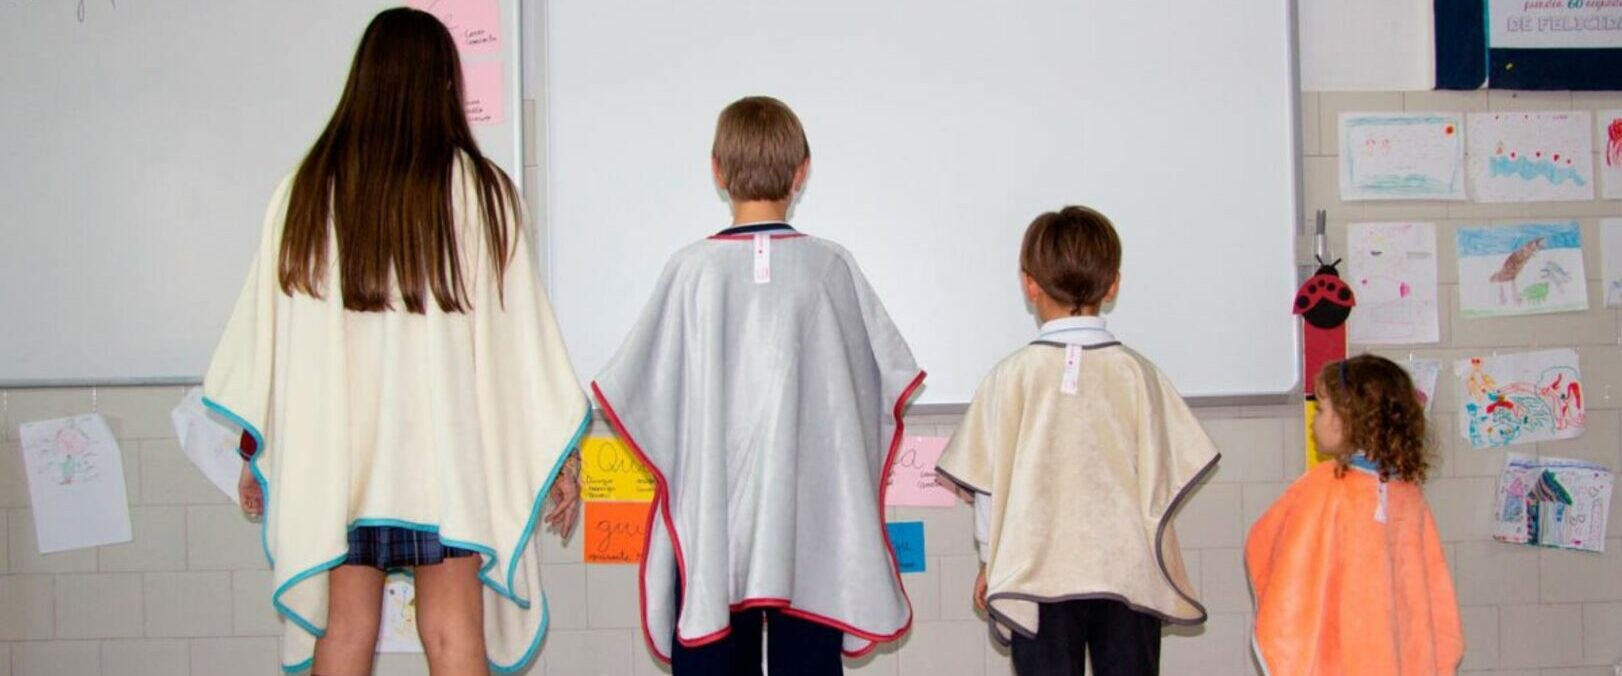 La empresa valenciana Textiles Mora crea la Manta Escola para contrarrestar el frío en las aulas provocado por la ventilación anti-COVID-19